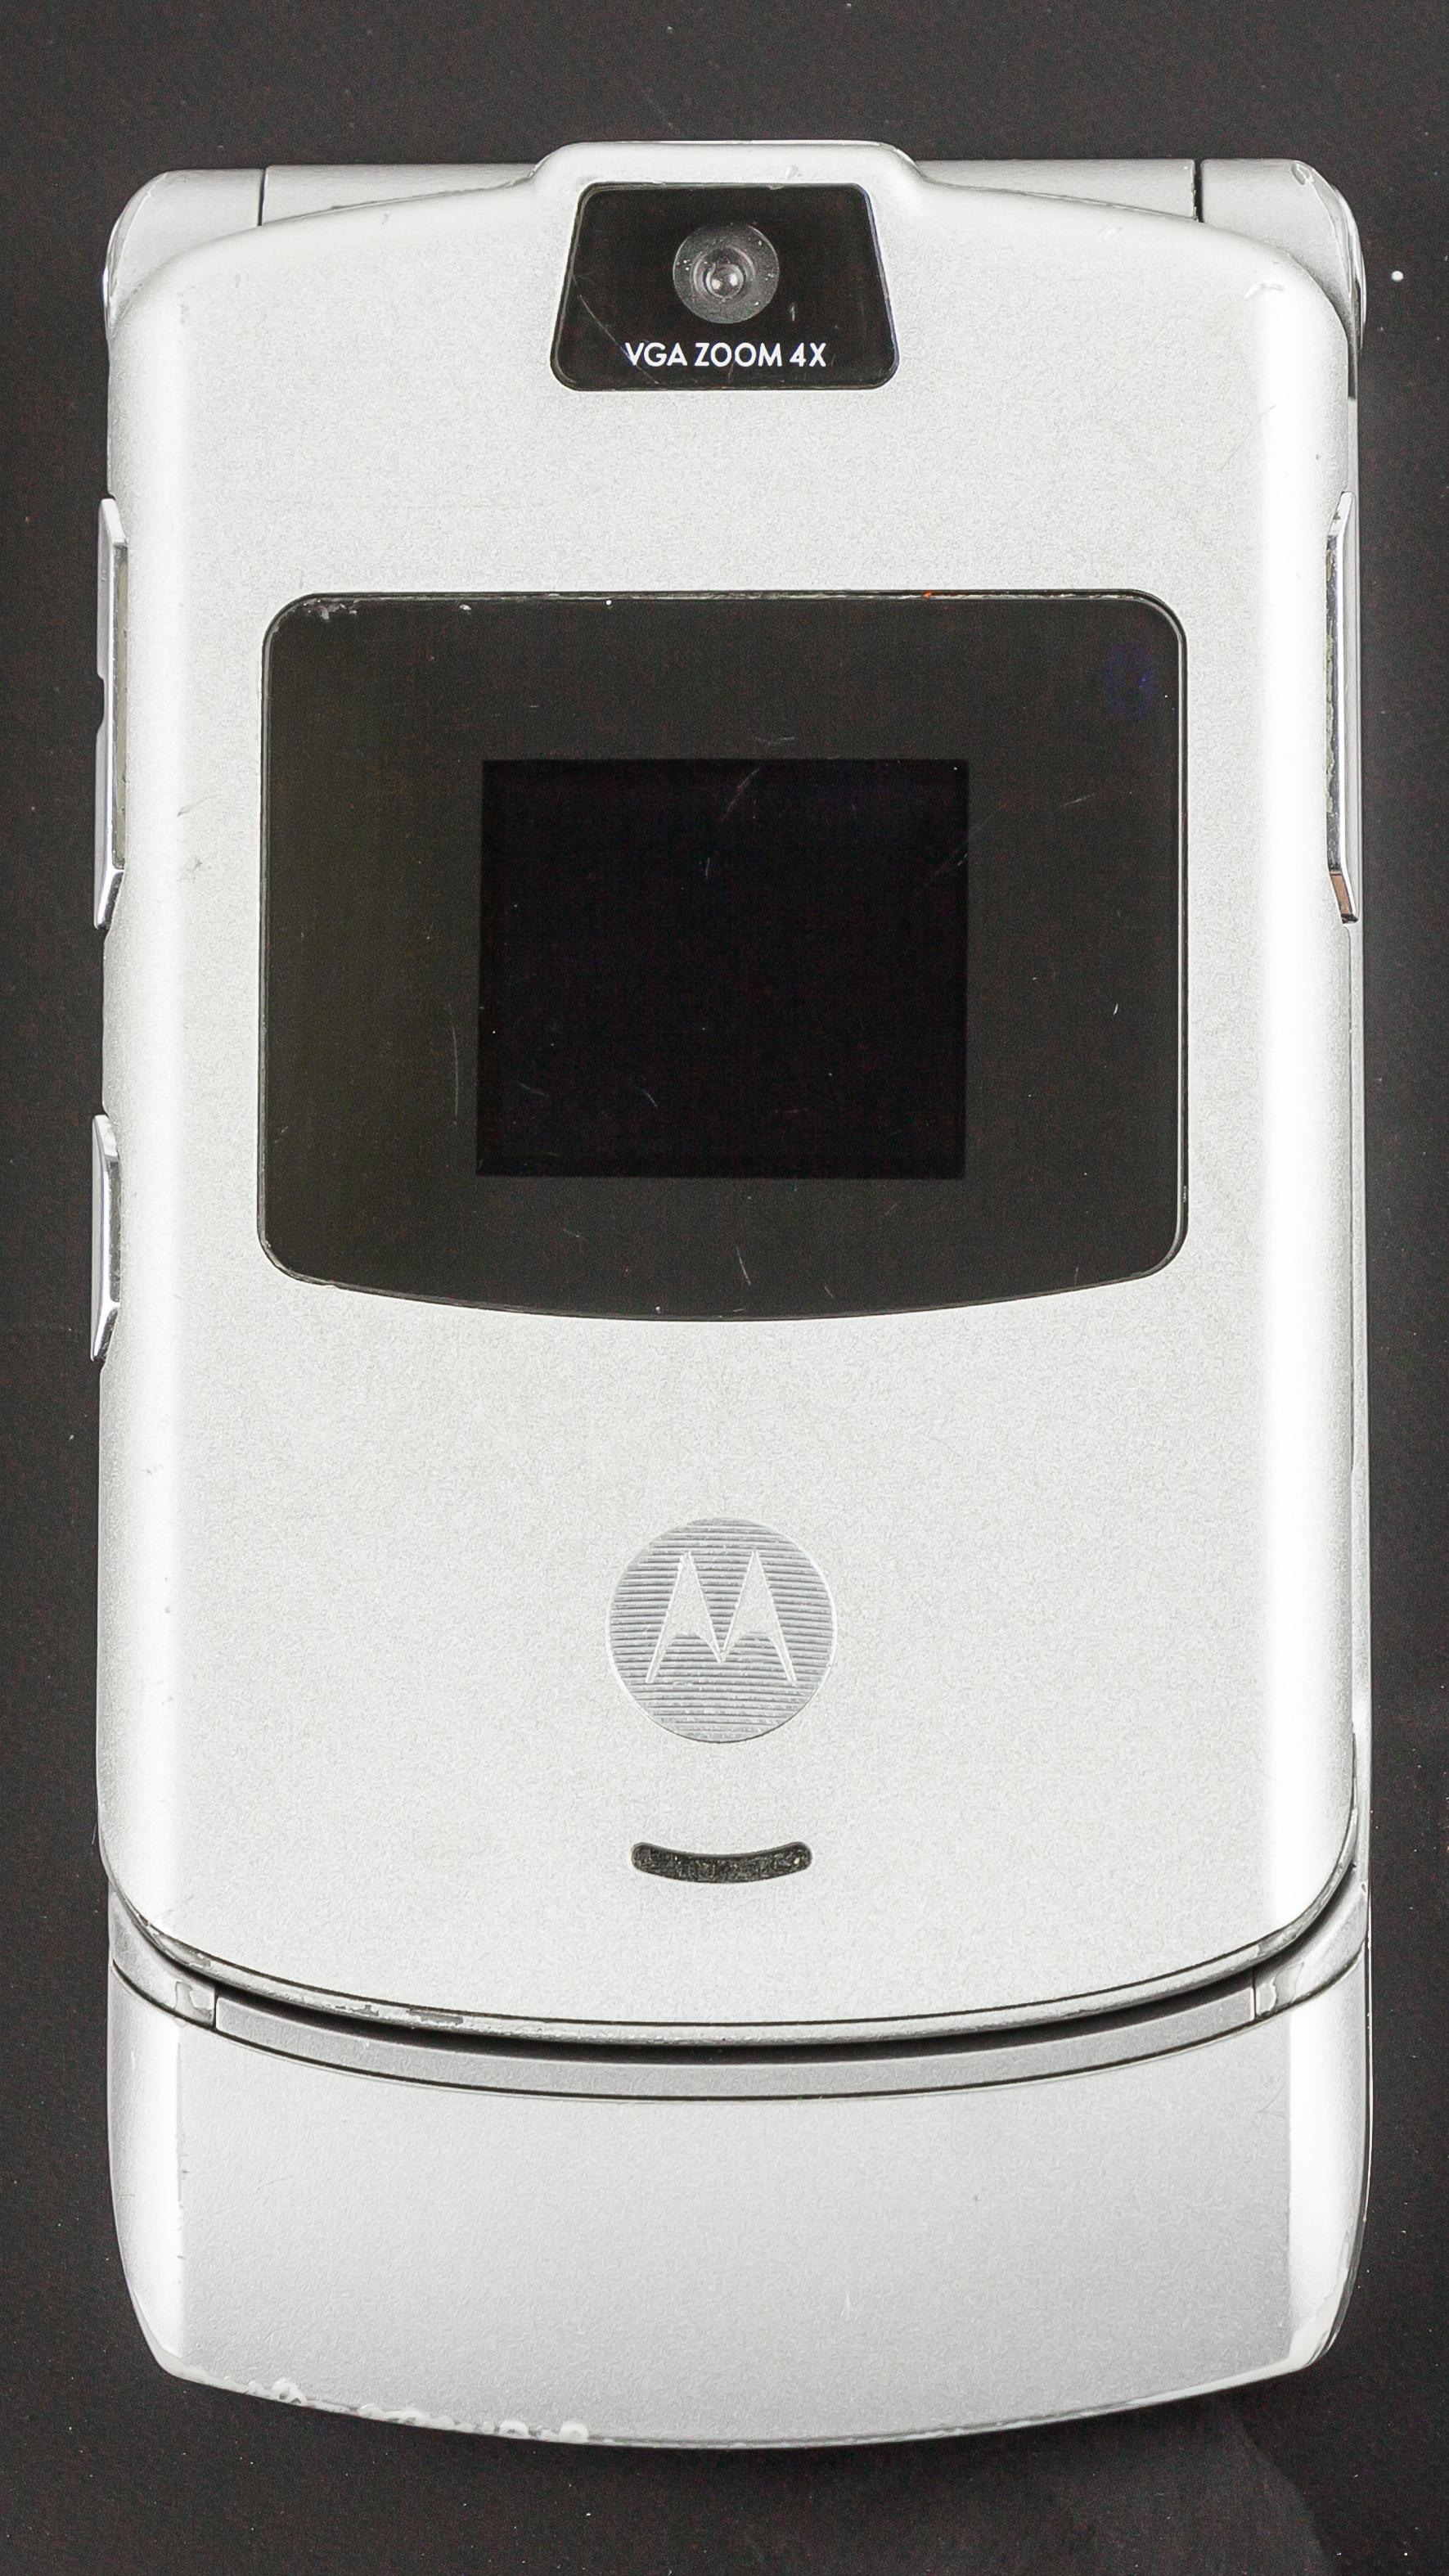 434eab8504 Motorola RAZR V3 – Wikipédia, a enciclopédia livre